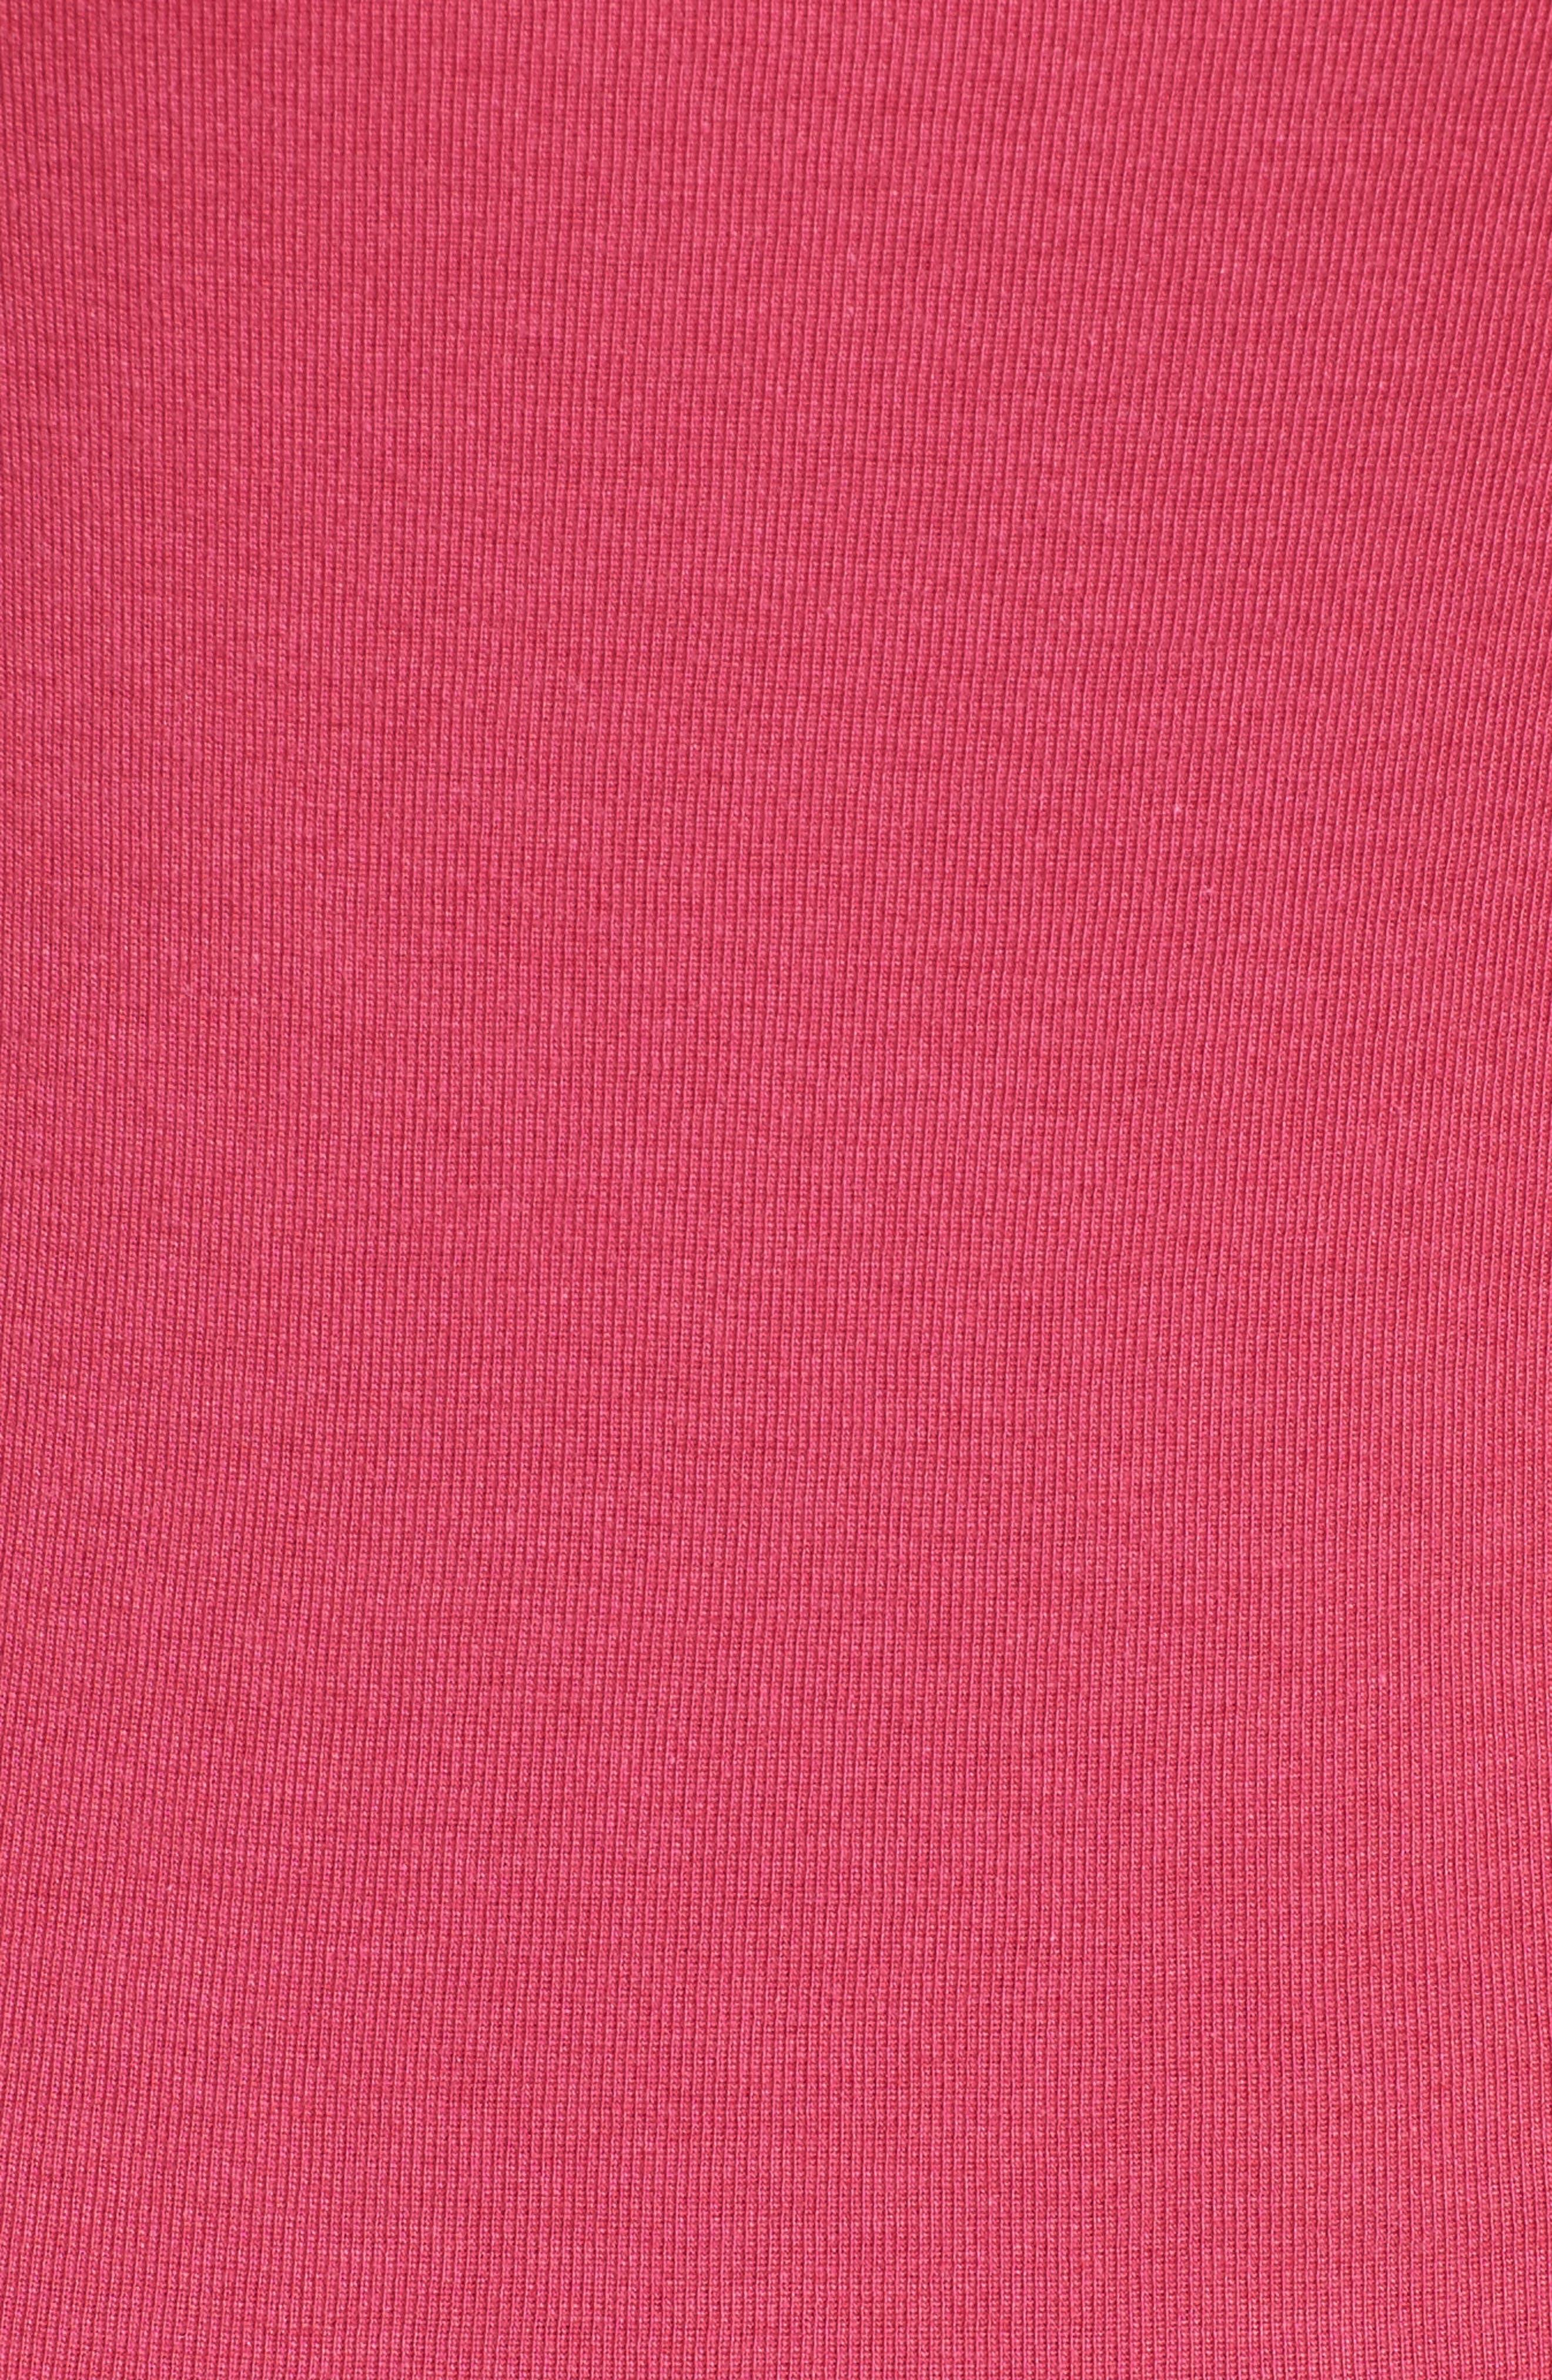 Three Quarter Sleeve Tee,                             Alternate thumbnail 107, color,